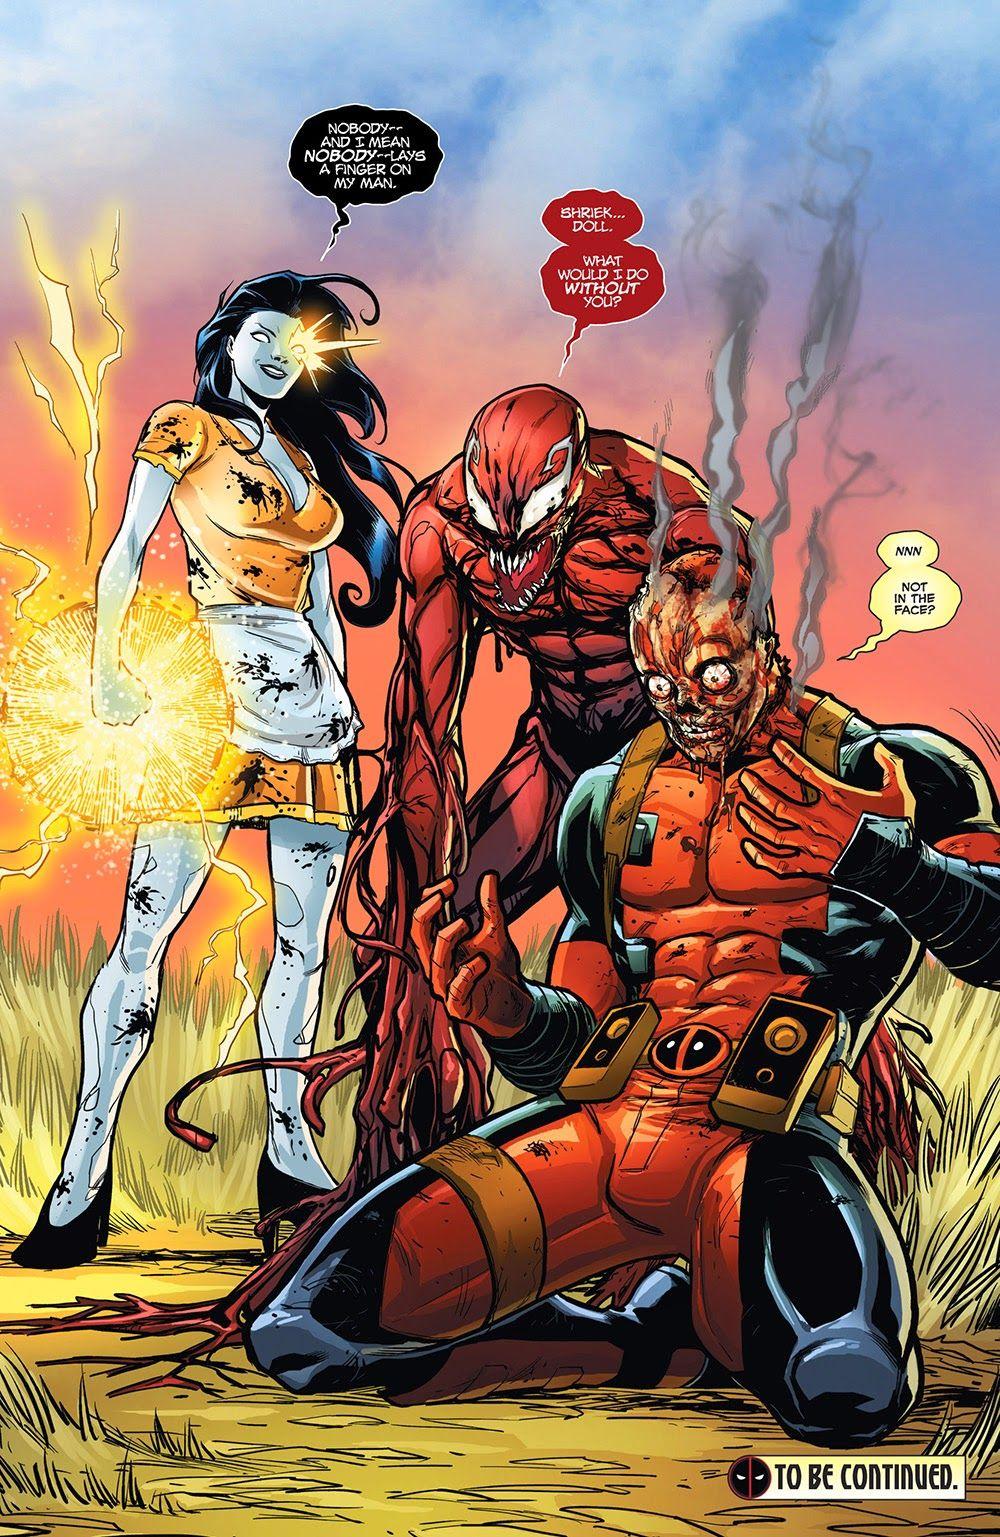 Deadpool 3 bude aj pod Disney R-kovou komiksovkou s množstvom nadávok, neslušného humoru, krvi a sexu